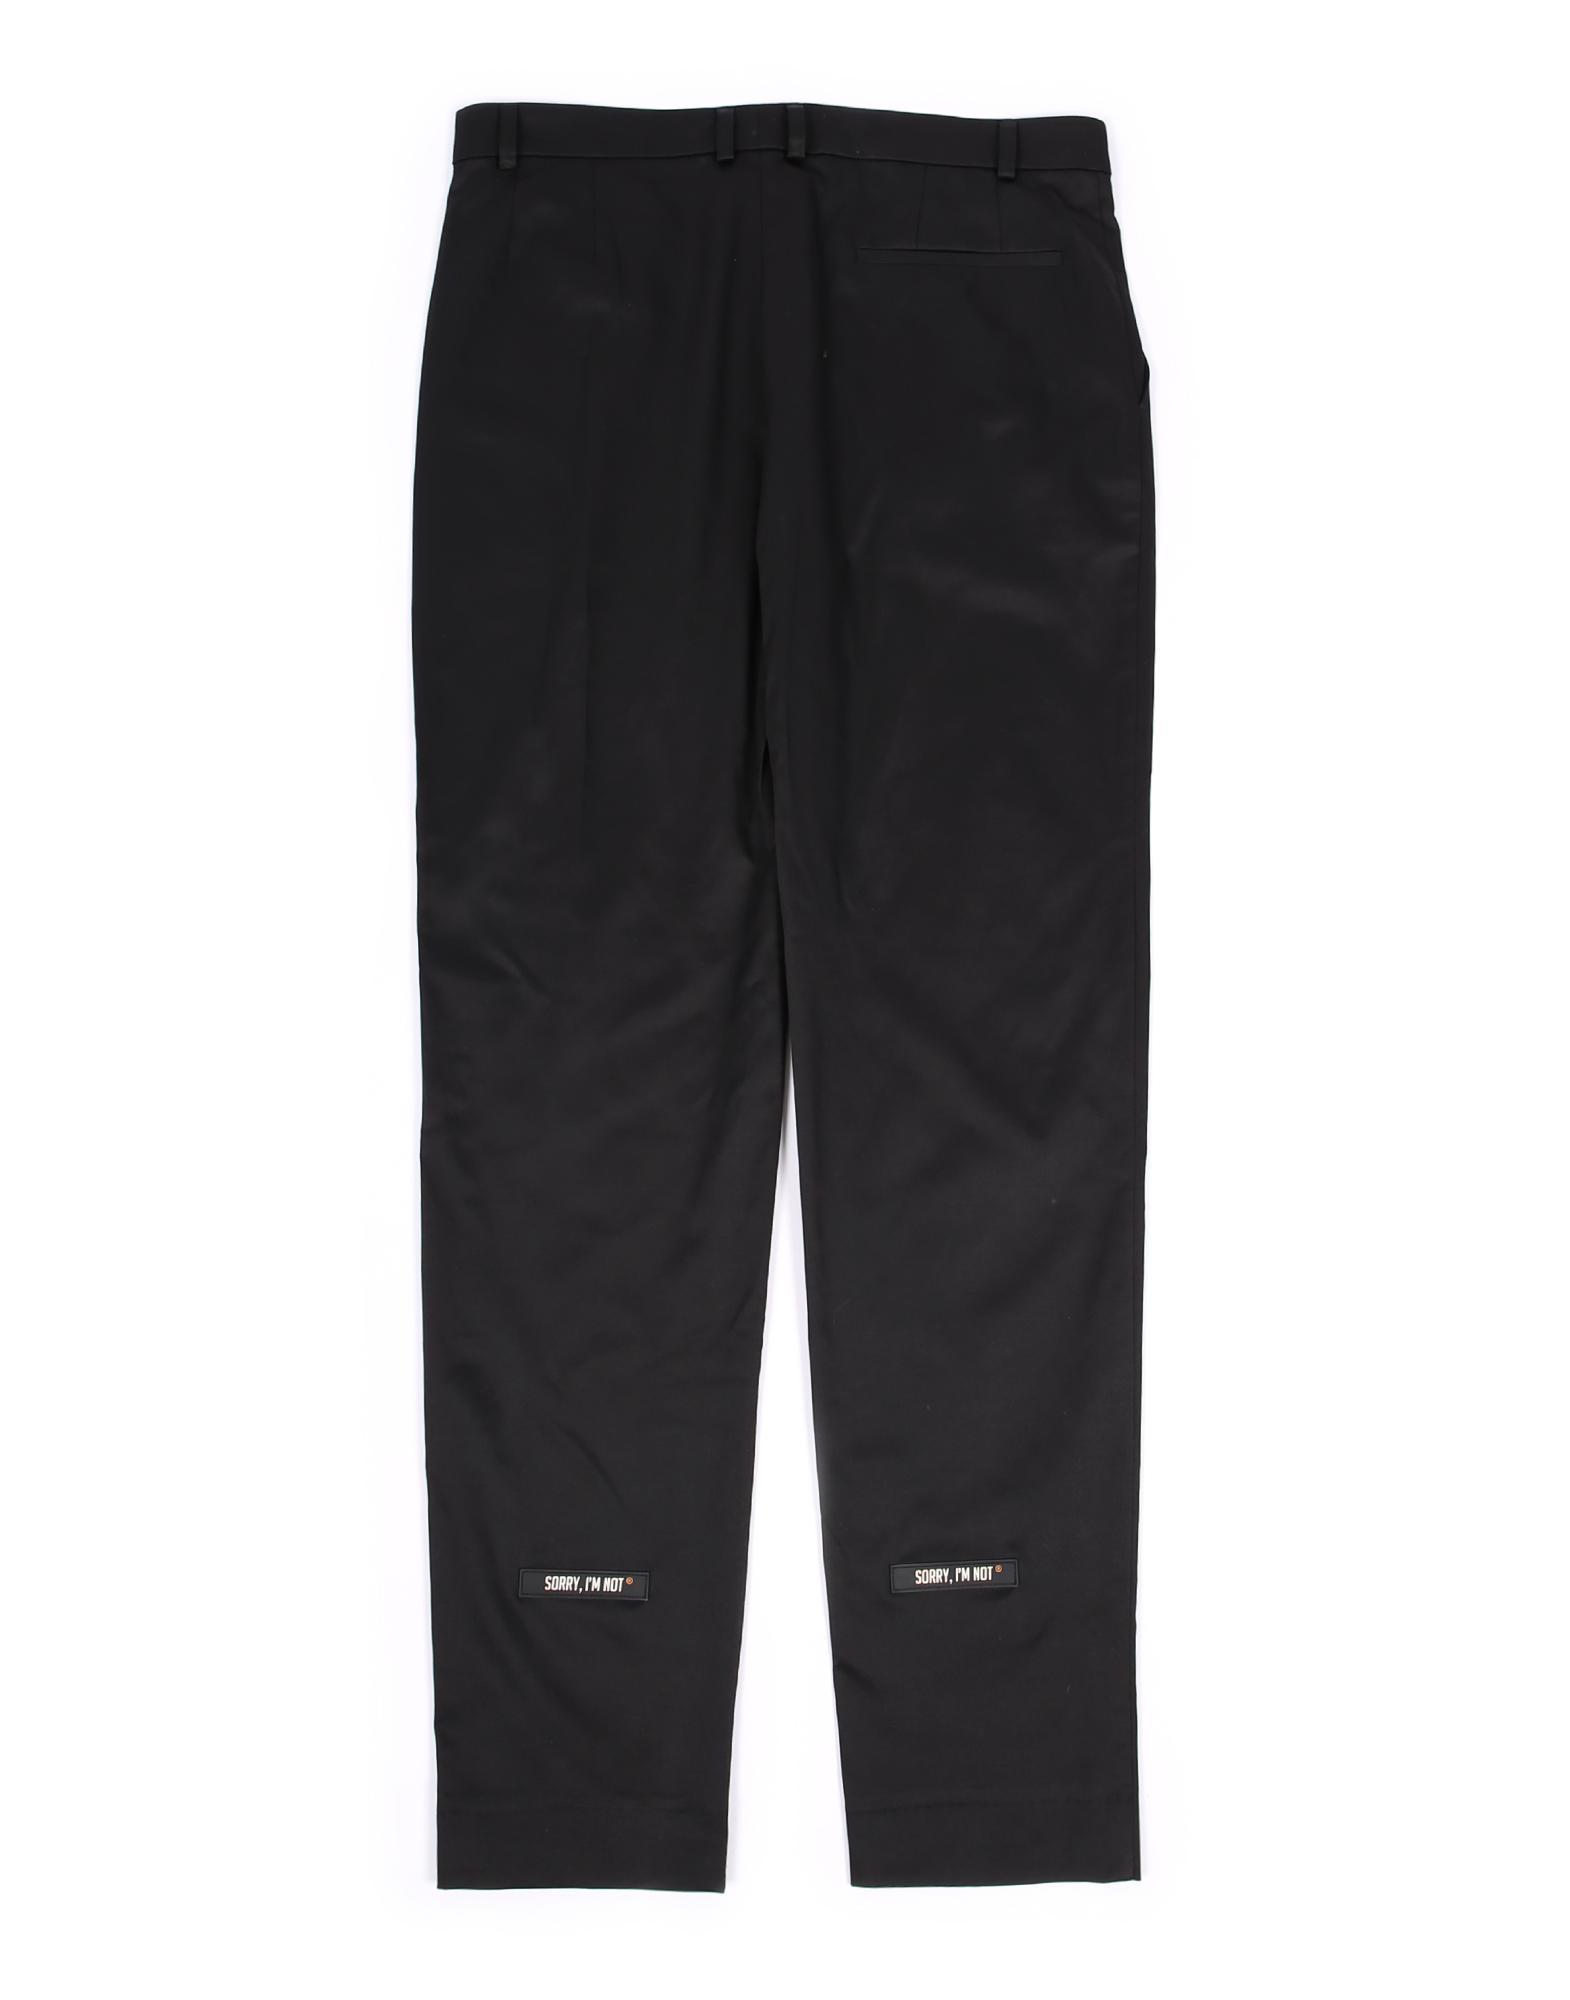 pants06